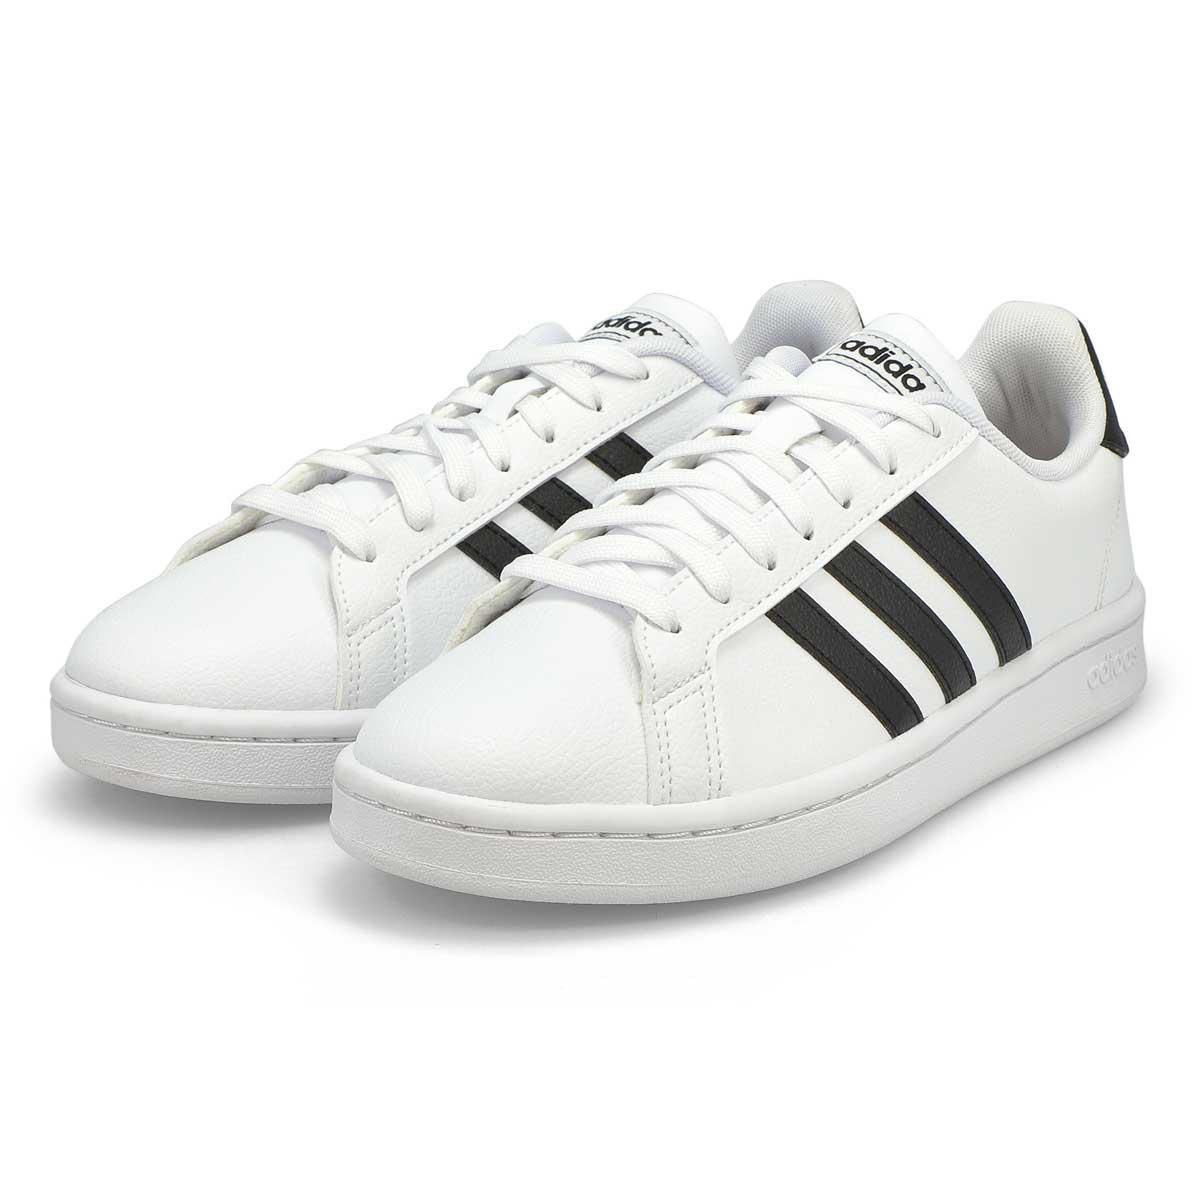 Women's Grand Court Sneaker - White/Black